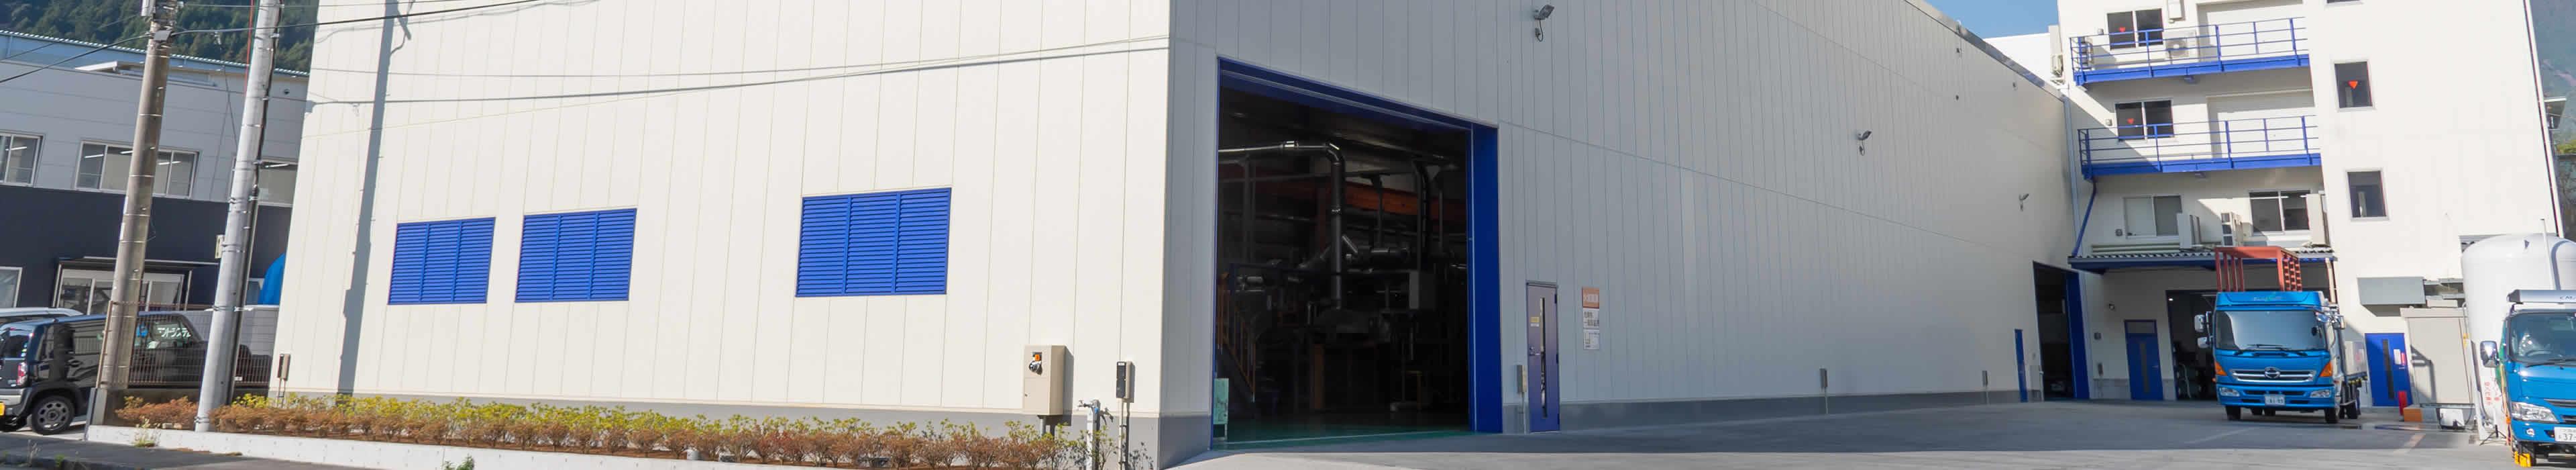 田中熱工株式会社 清水工場(静岡県)外観